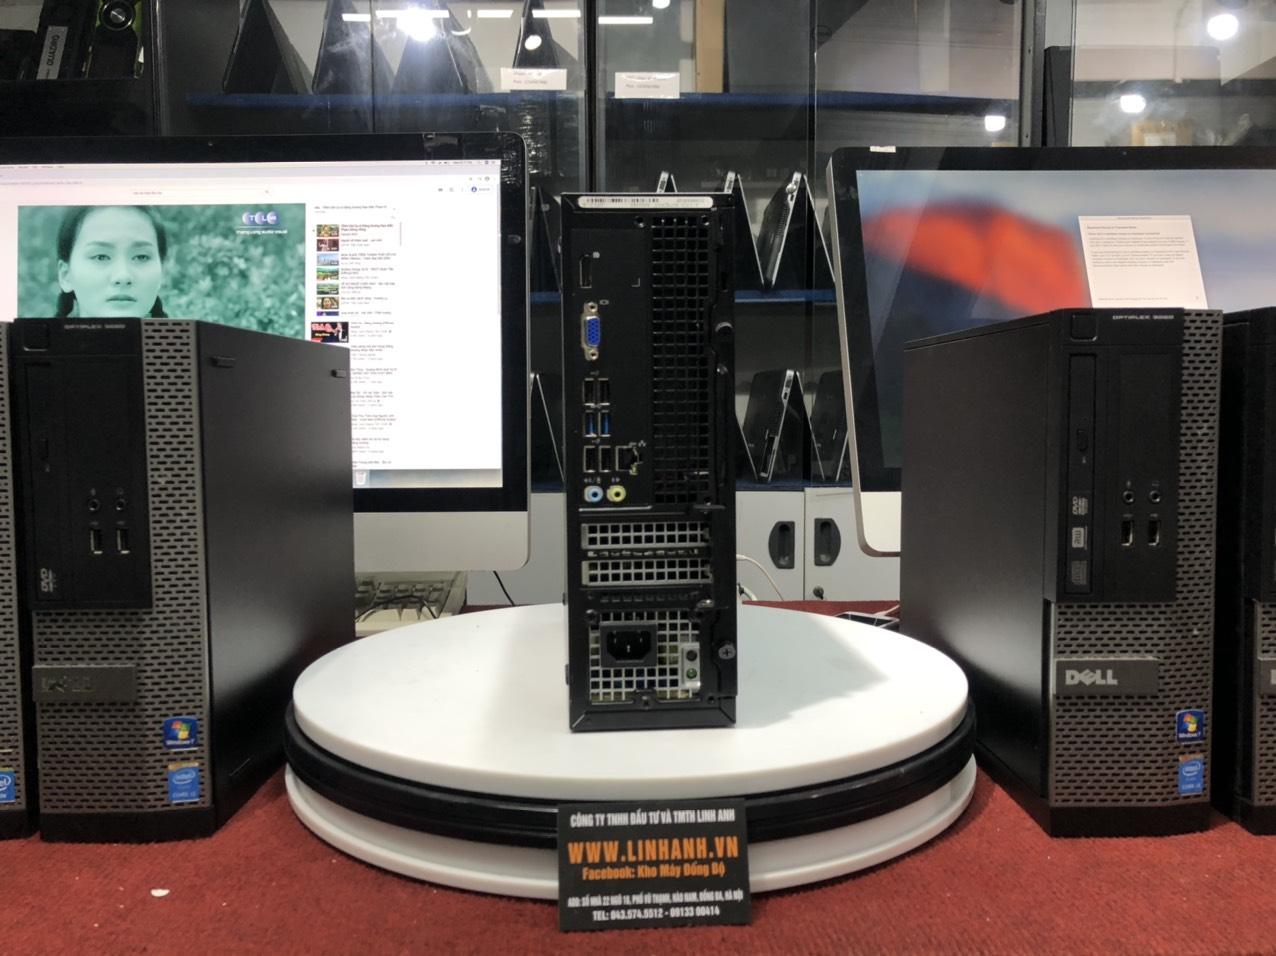 Dell Optiplex 3020 (Cấu hình 3)